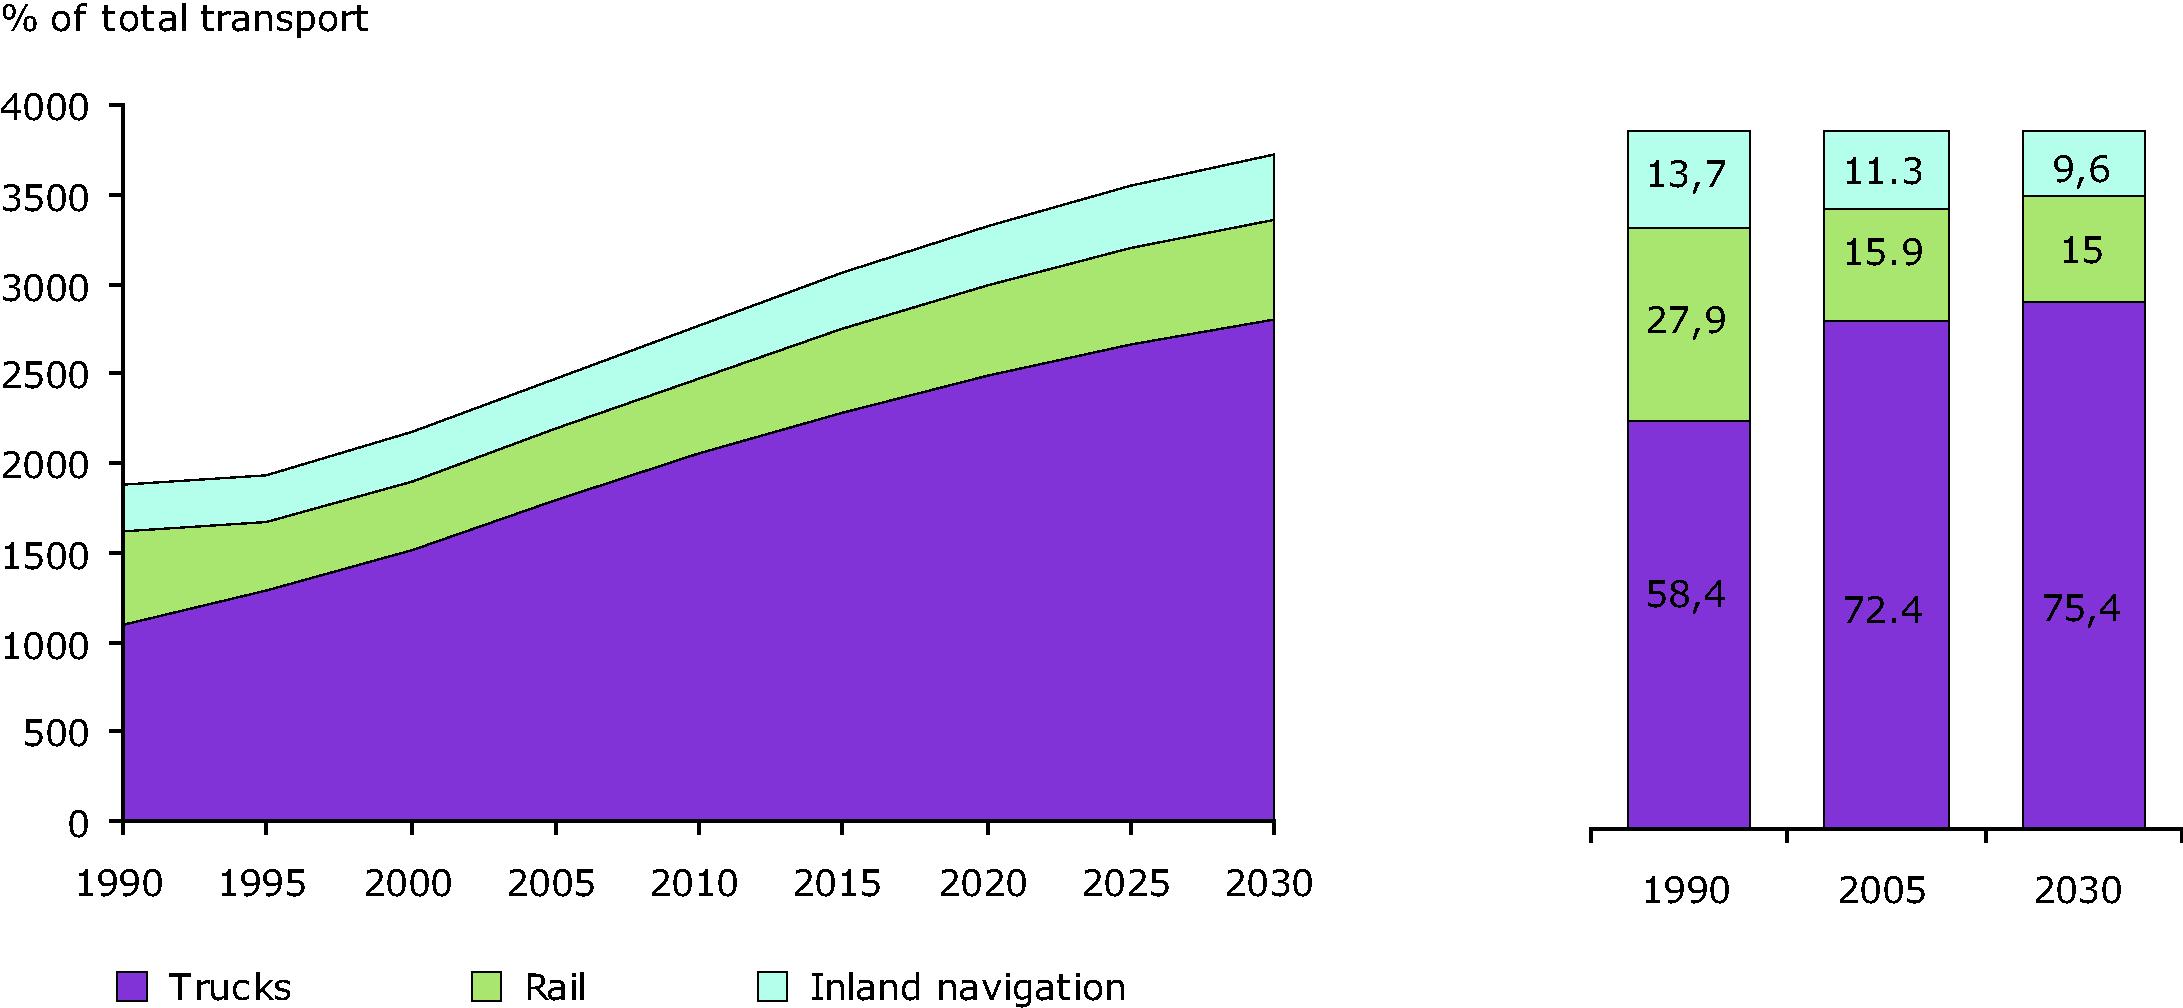 Modal split of freight transport in EU 27, 1990-2030